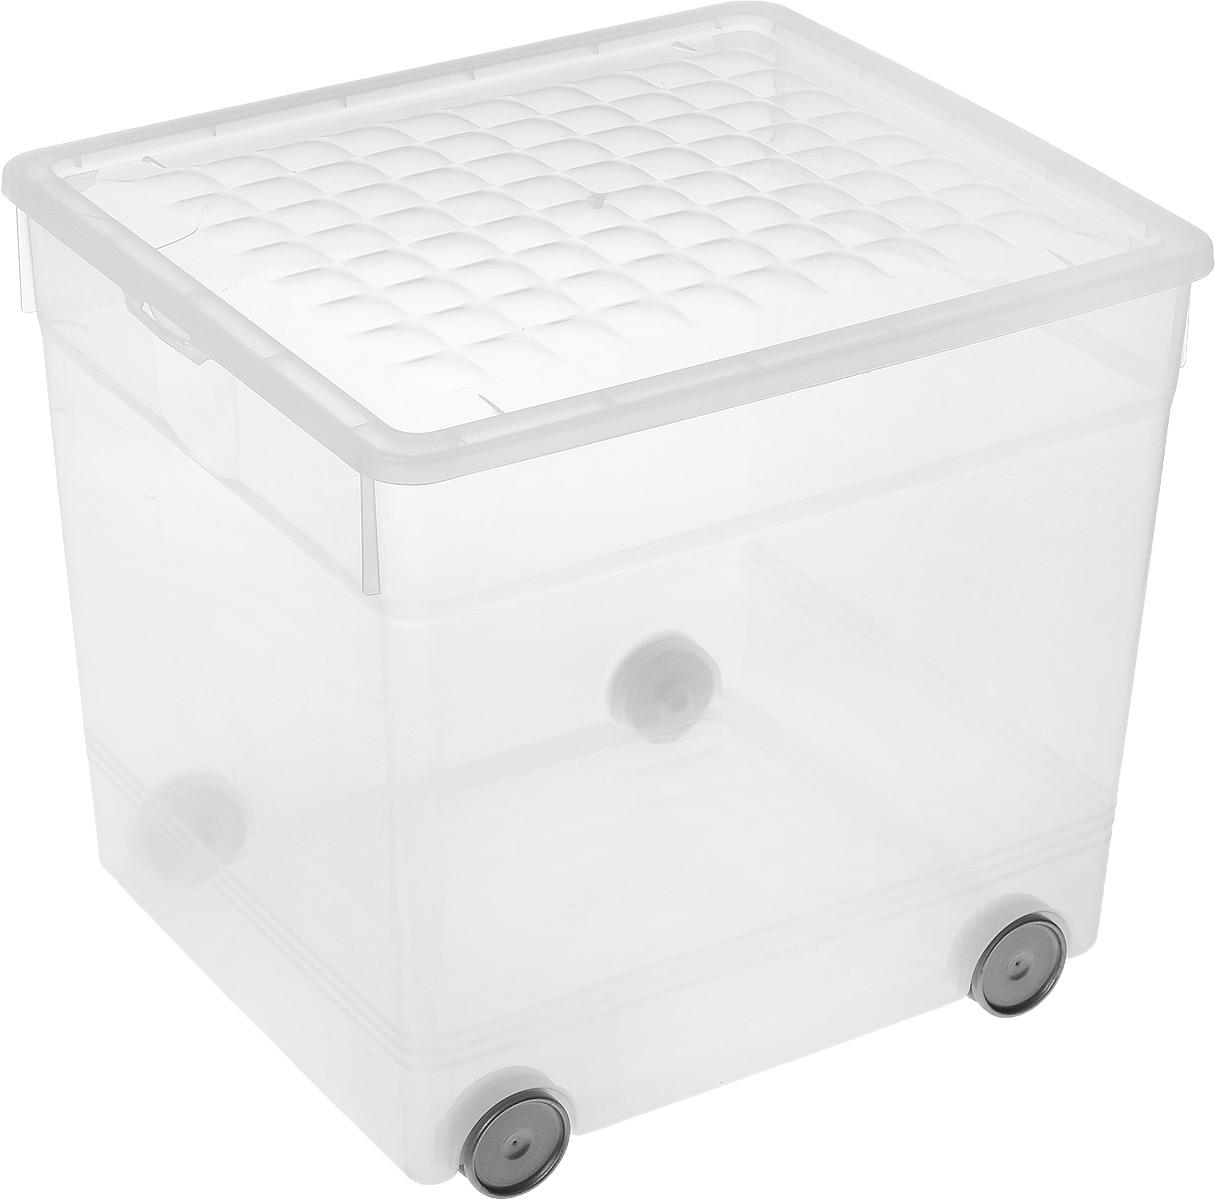 Контейнер для хранения Curver, на колесиках, 33 лUP210DFКонтейнер для хранения Curver изготовлен из прозрачного пластика. Изделие предназначено для хранения различных бытовых вещей, игрушек, одежды и многого другого. Контейнер оснащен четырьмя колесиками и откидной крышкой, которая закрывается на две защелки.Размер контейнера: 34,5 х 30 х 34 см.